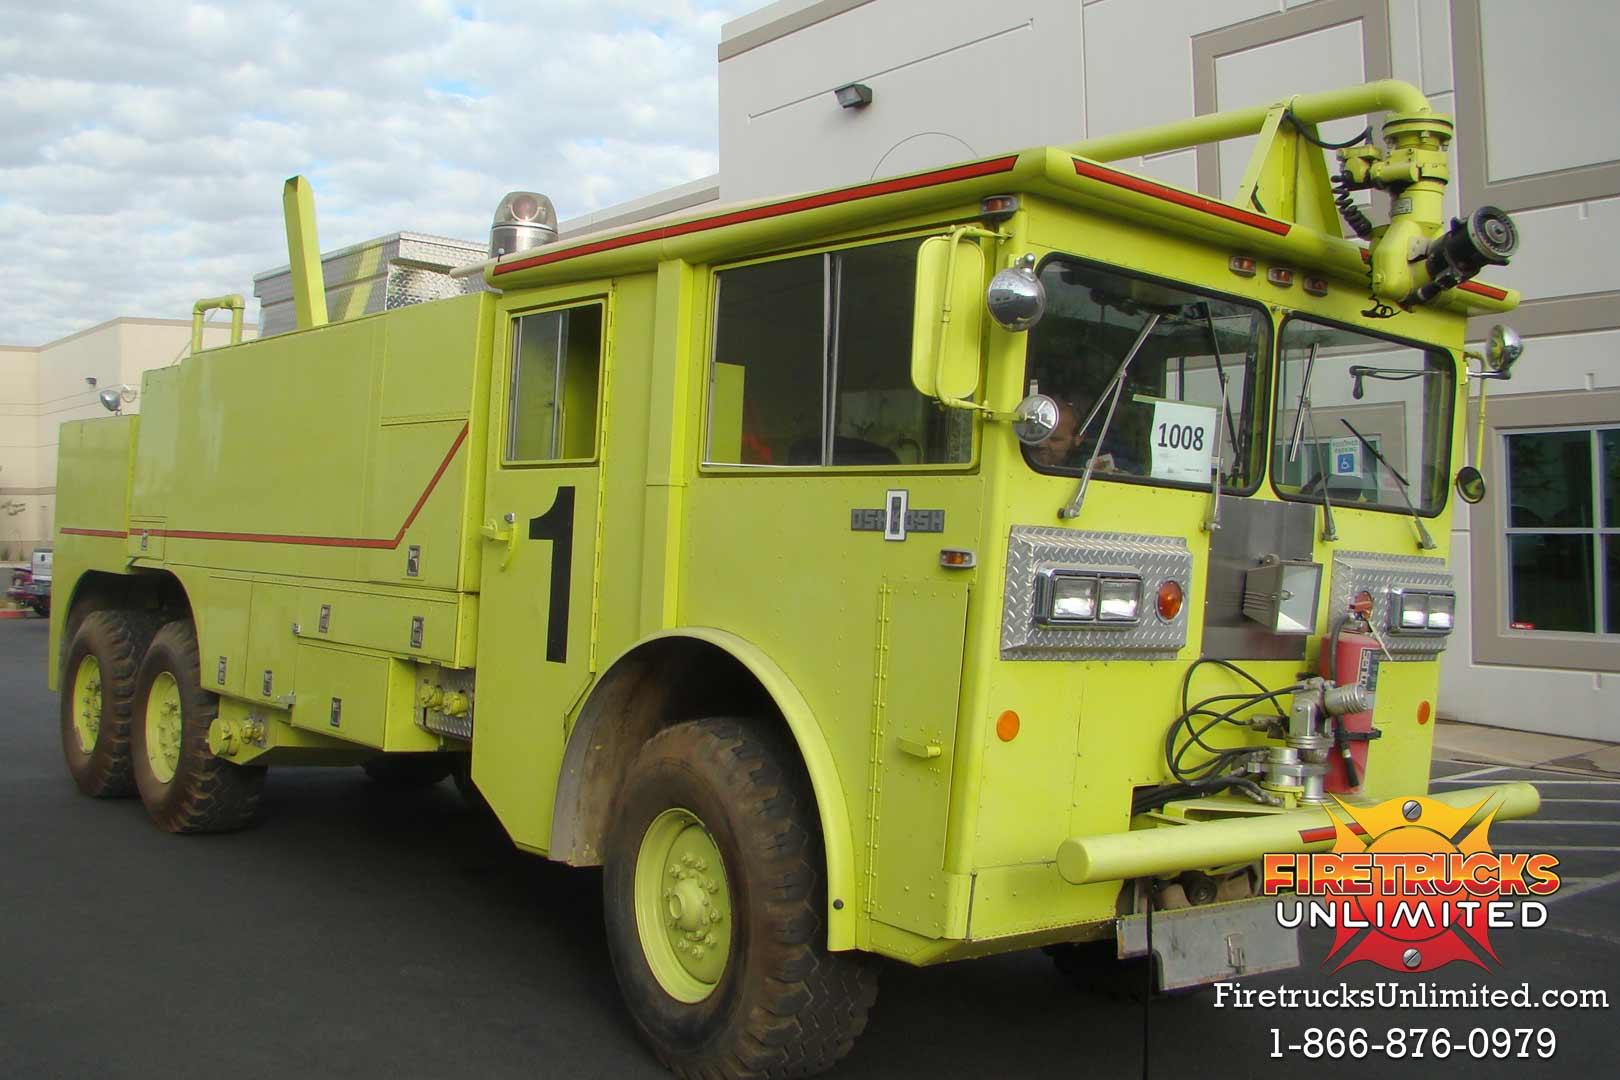 Oshkosh M-1500 ARFF Truck For Sale - Firetrucks Unlimited